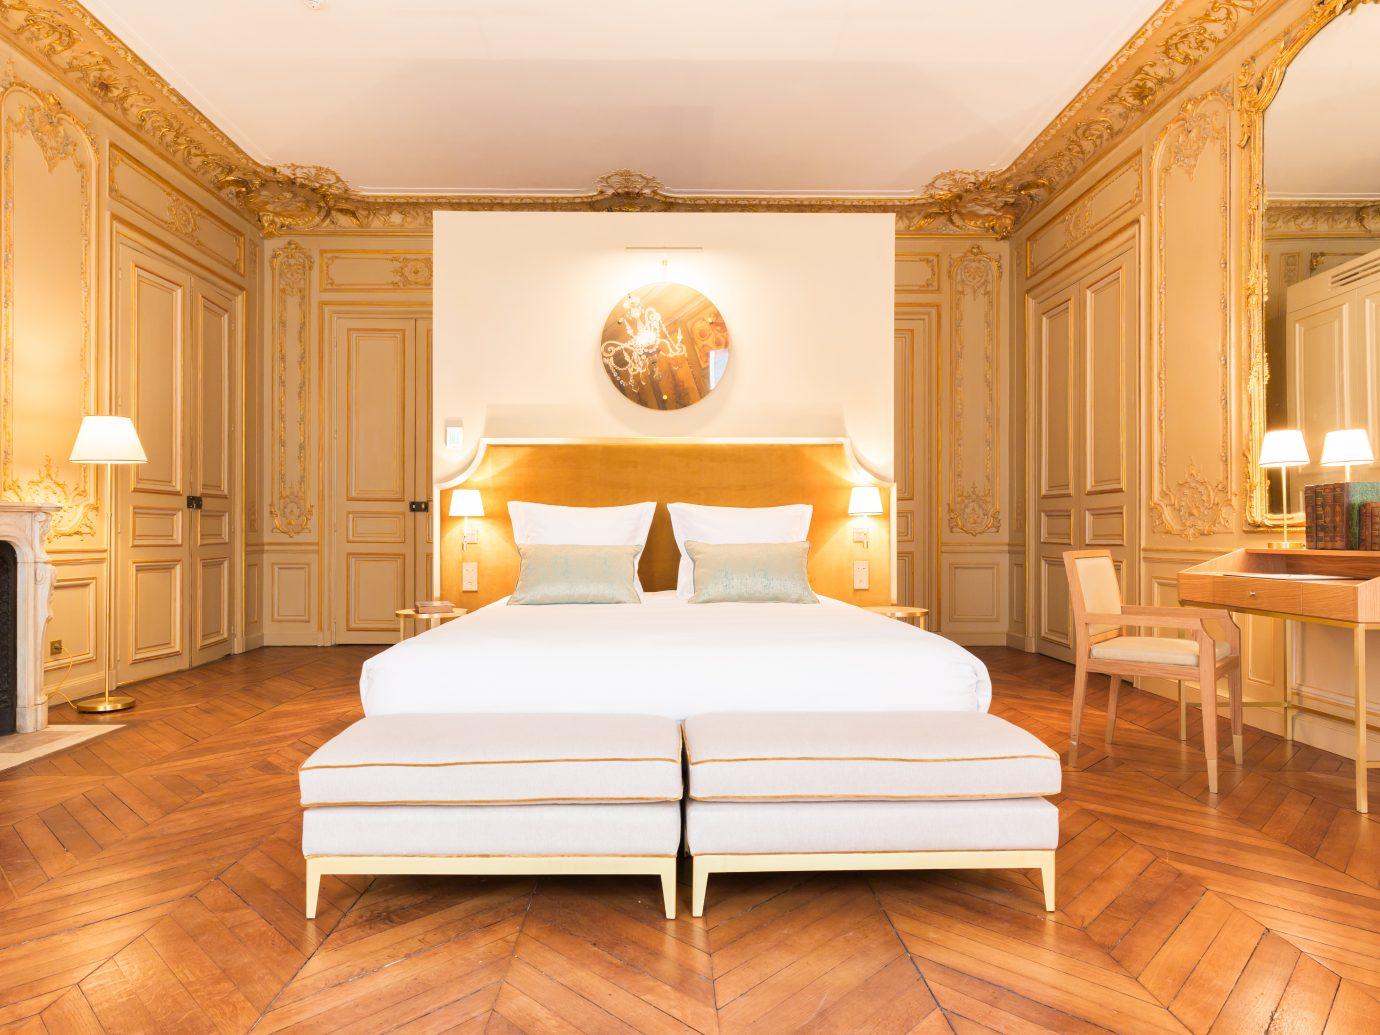 Suite Dorée at Alfred Sommier Hotel